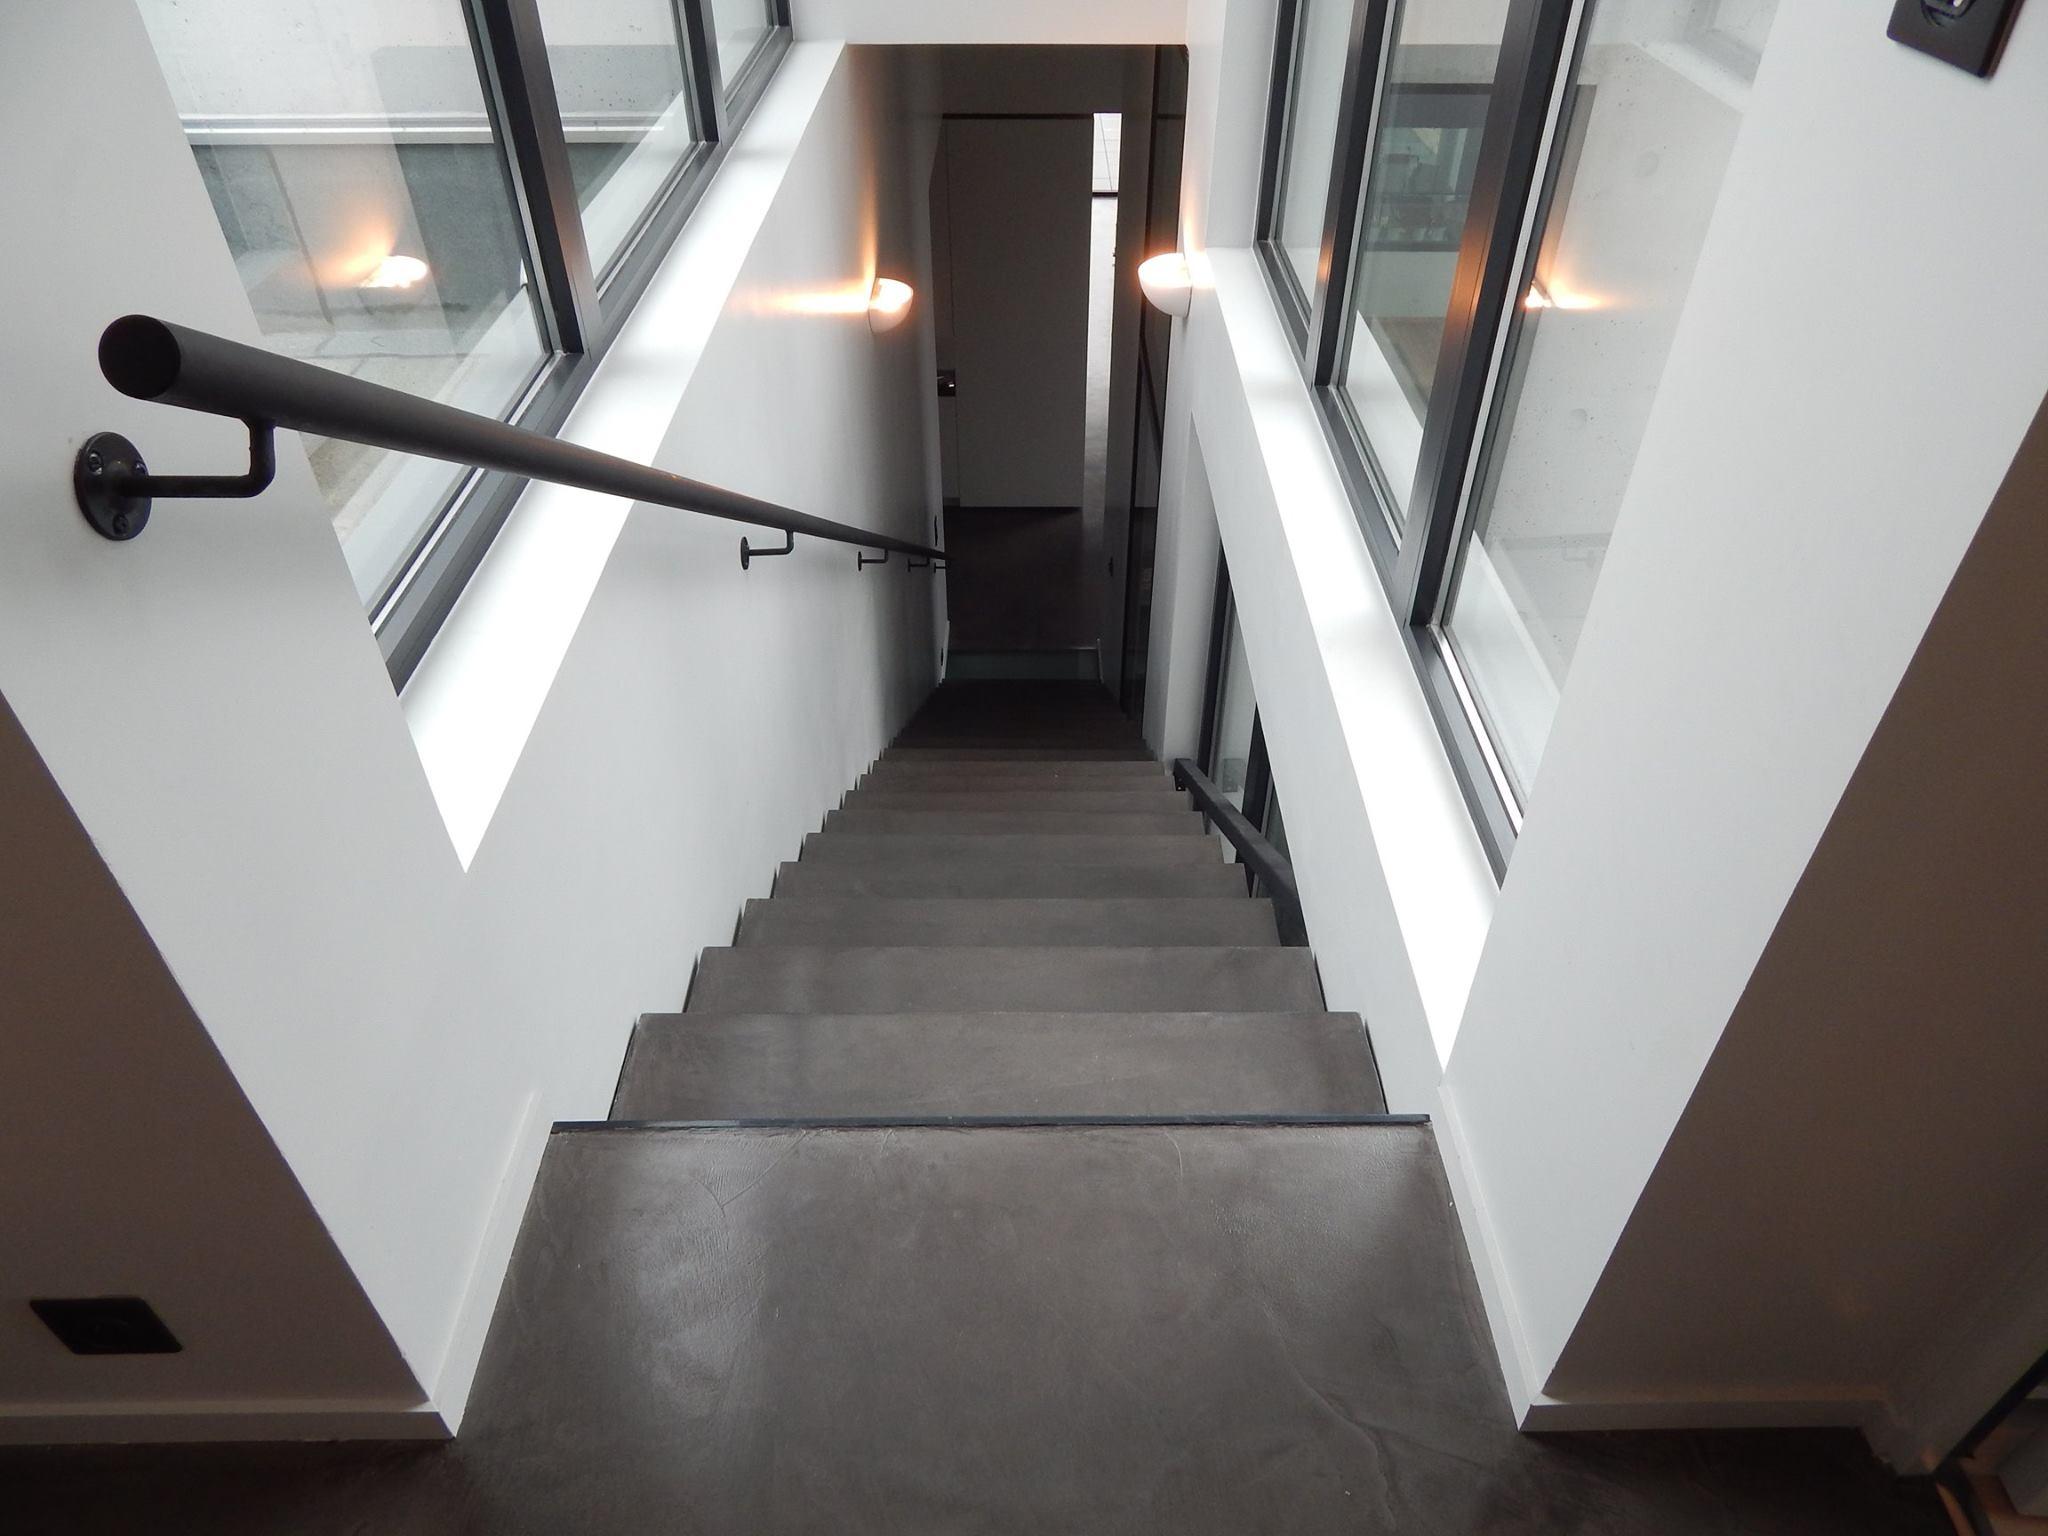 Escalier Val D Oise beton ciré, béton ciré versailles, béton ciré nanterre